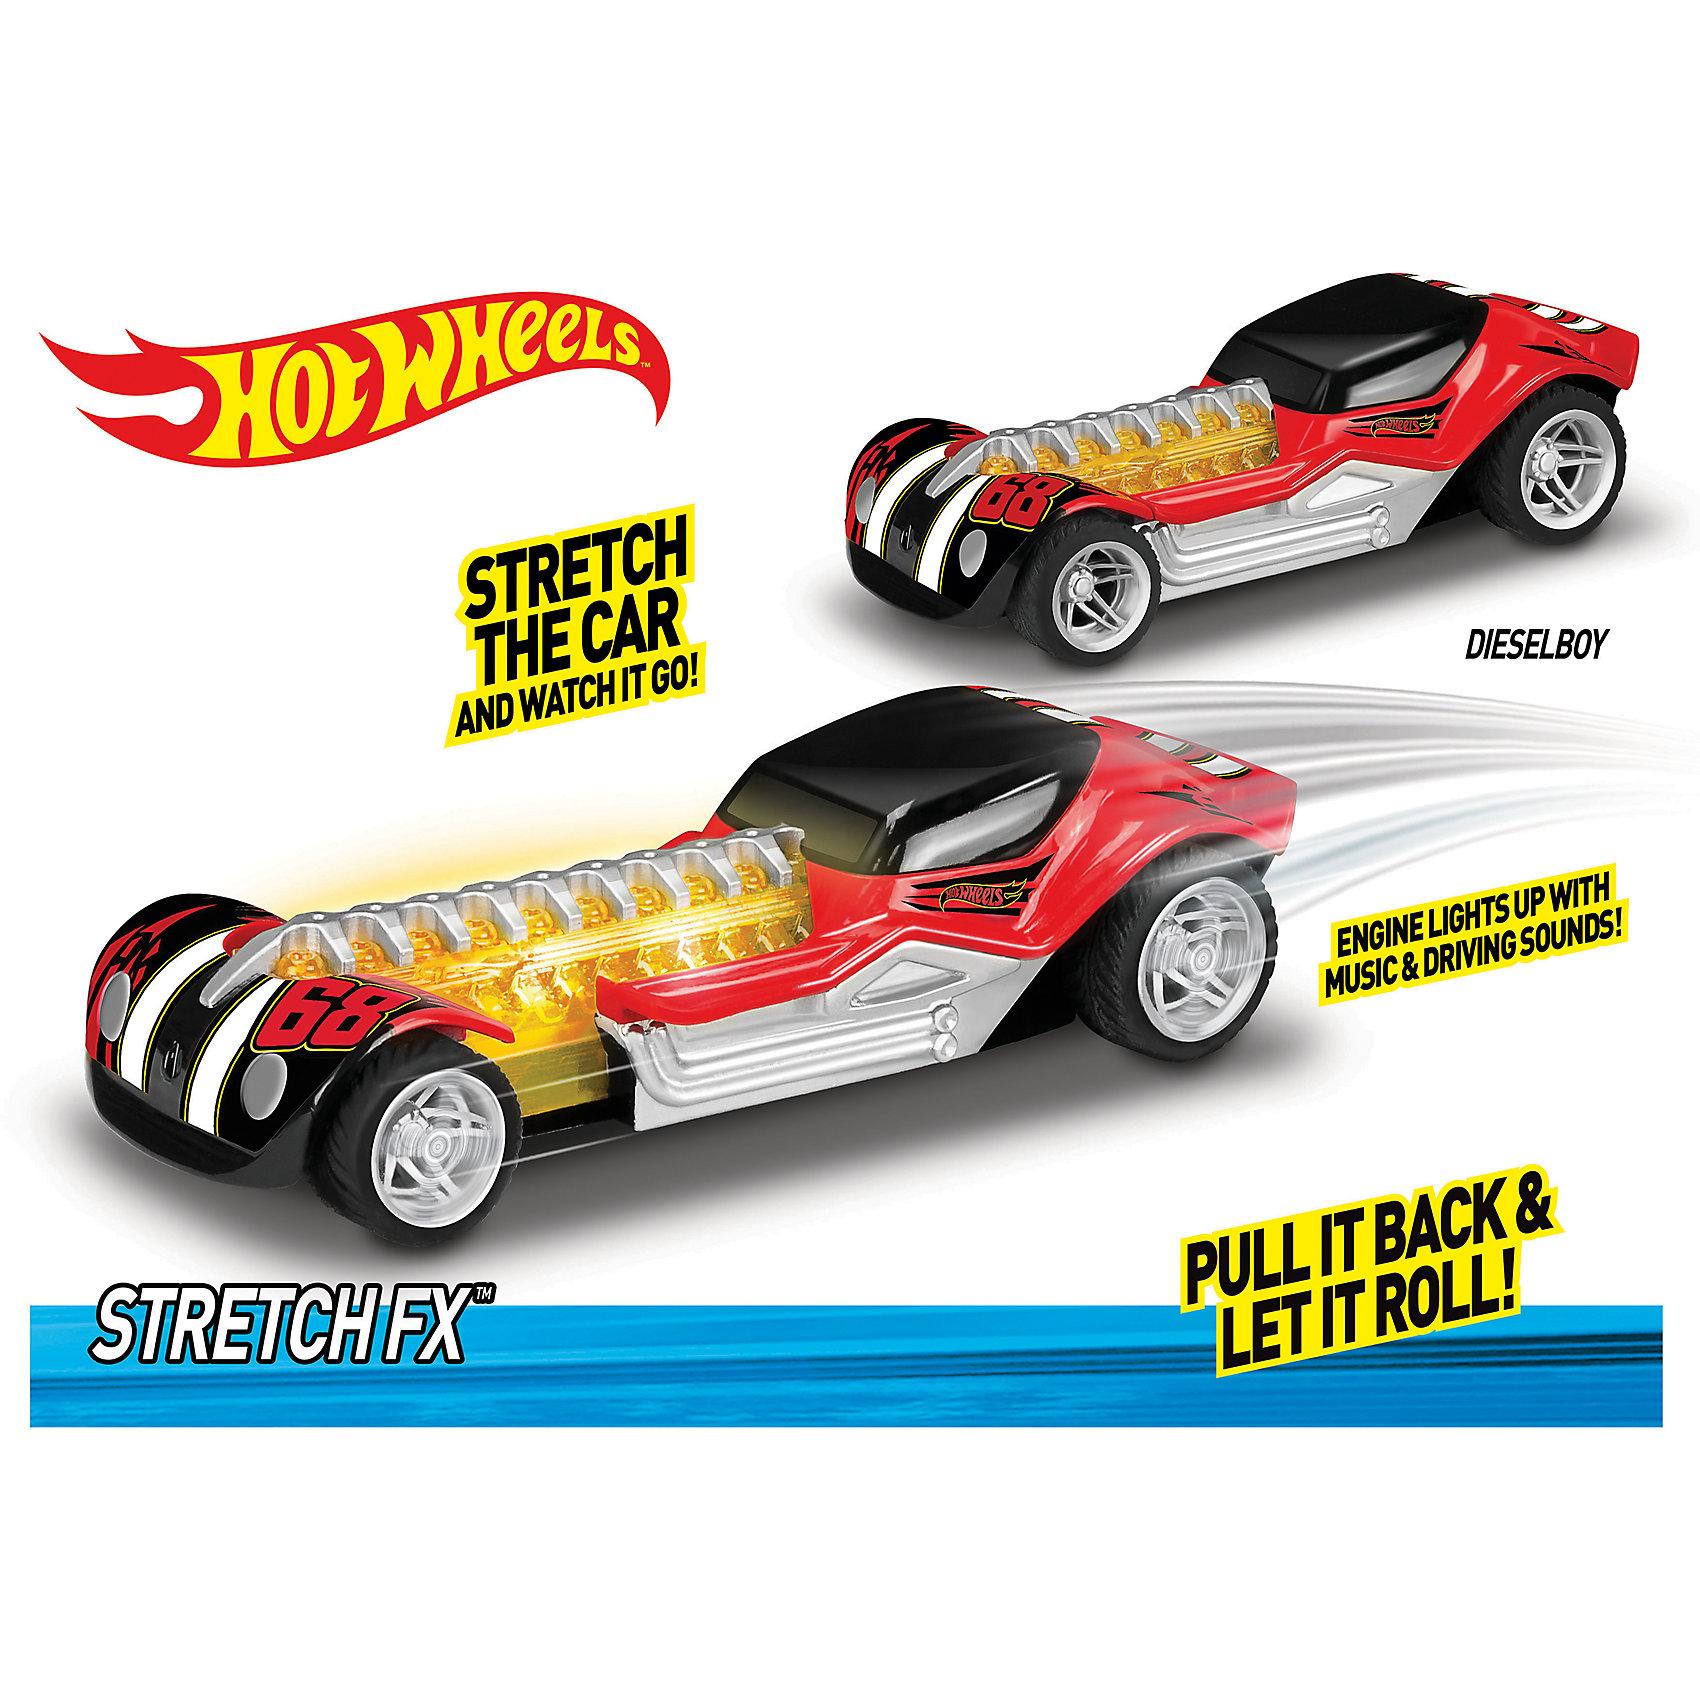 Машинка - Стретчмобиль (свет, звук), 16 см, Hot WheelsХарактеристики товара:<br><br>- цвет: красный;<br>- материал: пластик, металл;<br>- особенности: инерционная, со световыми и звуковыми эффектами;<br>- вес: 240 г;<br>- размер упаковки: 10х11х19;<br>- размер машинки: 16 см.<br><br>Какой мальчишка откажется поиграть с коллекционной машинкой Hot Wheels, которая выглядит как настоящая?! Машинка очень эффектно смотрится, она дополнена световыми, звуковыми эффектами и инерционным механизмом. Игрушка отлично детализирована, очень качественно выполнена, поэтому она станет отличным подарком ребенку. Продается в красивой упаковке.<br>Изделия произведены из высококачественного материала, безопасного для детей.<br><br>Механическую машинку Hot Wheels можно купить в нашем интернет-магазине.<br><br>Ширина мм: 102<br>Глубина мм: 114<br>Высота мм: 191<br>Вес г: 239<br>Возраст от месяцев: 36<br>Возраст до месяцев: 2147483647<br>Пол: Мужской<br>Возраст: Детский<br>SKU: 5066725